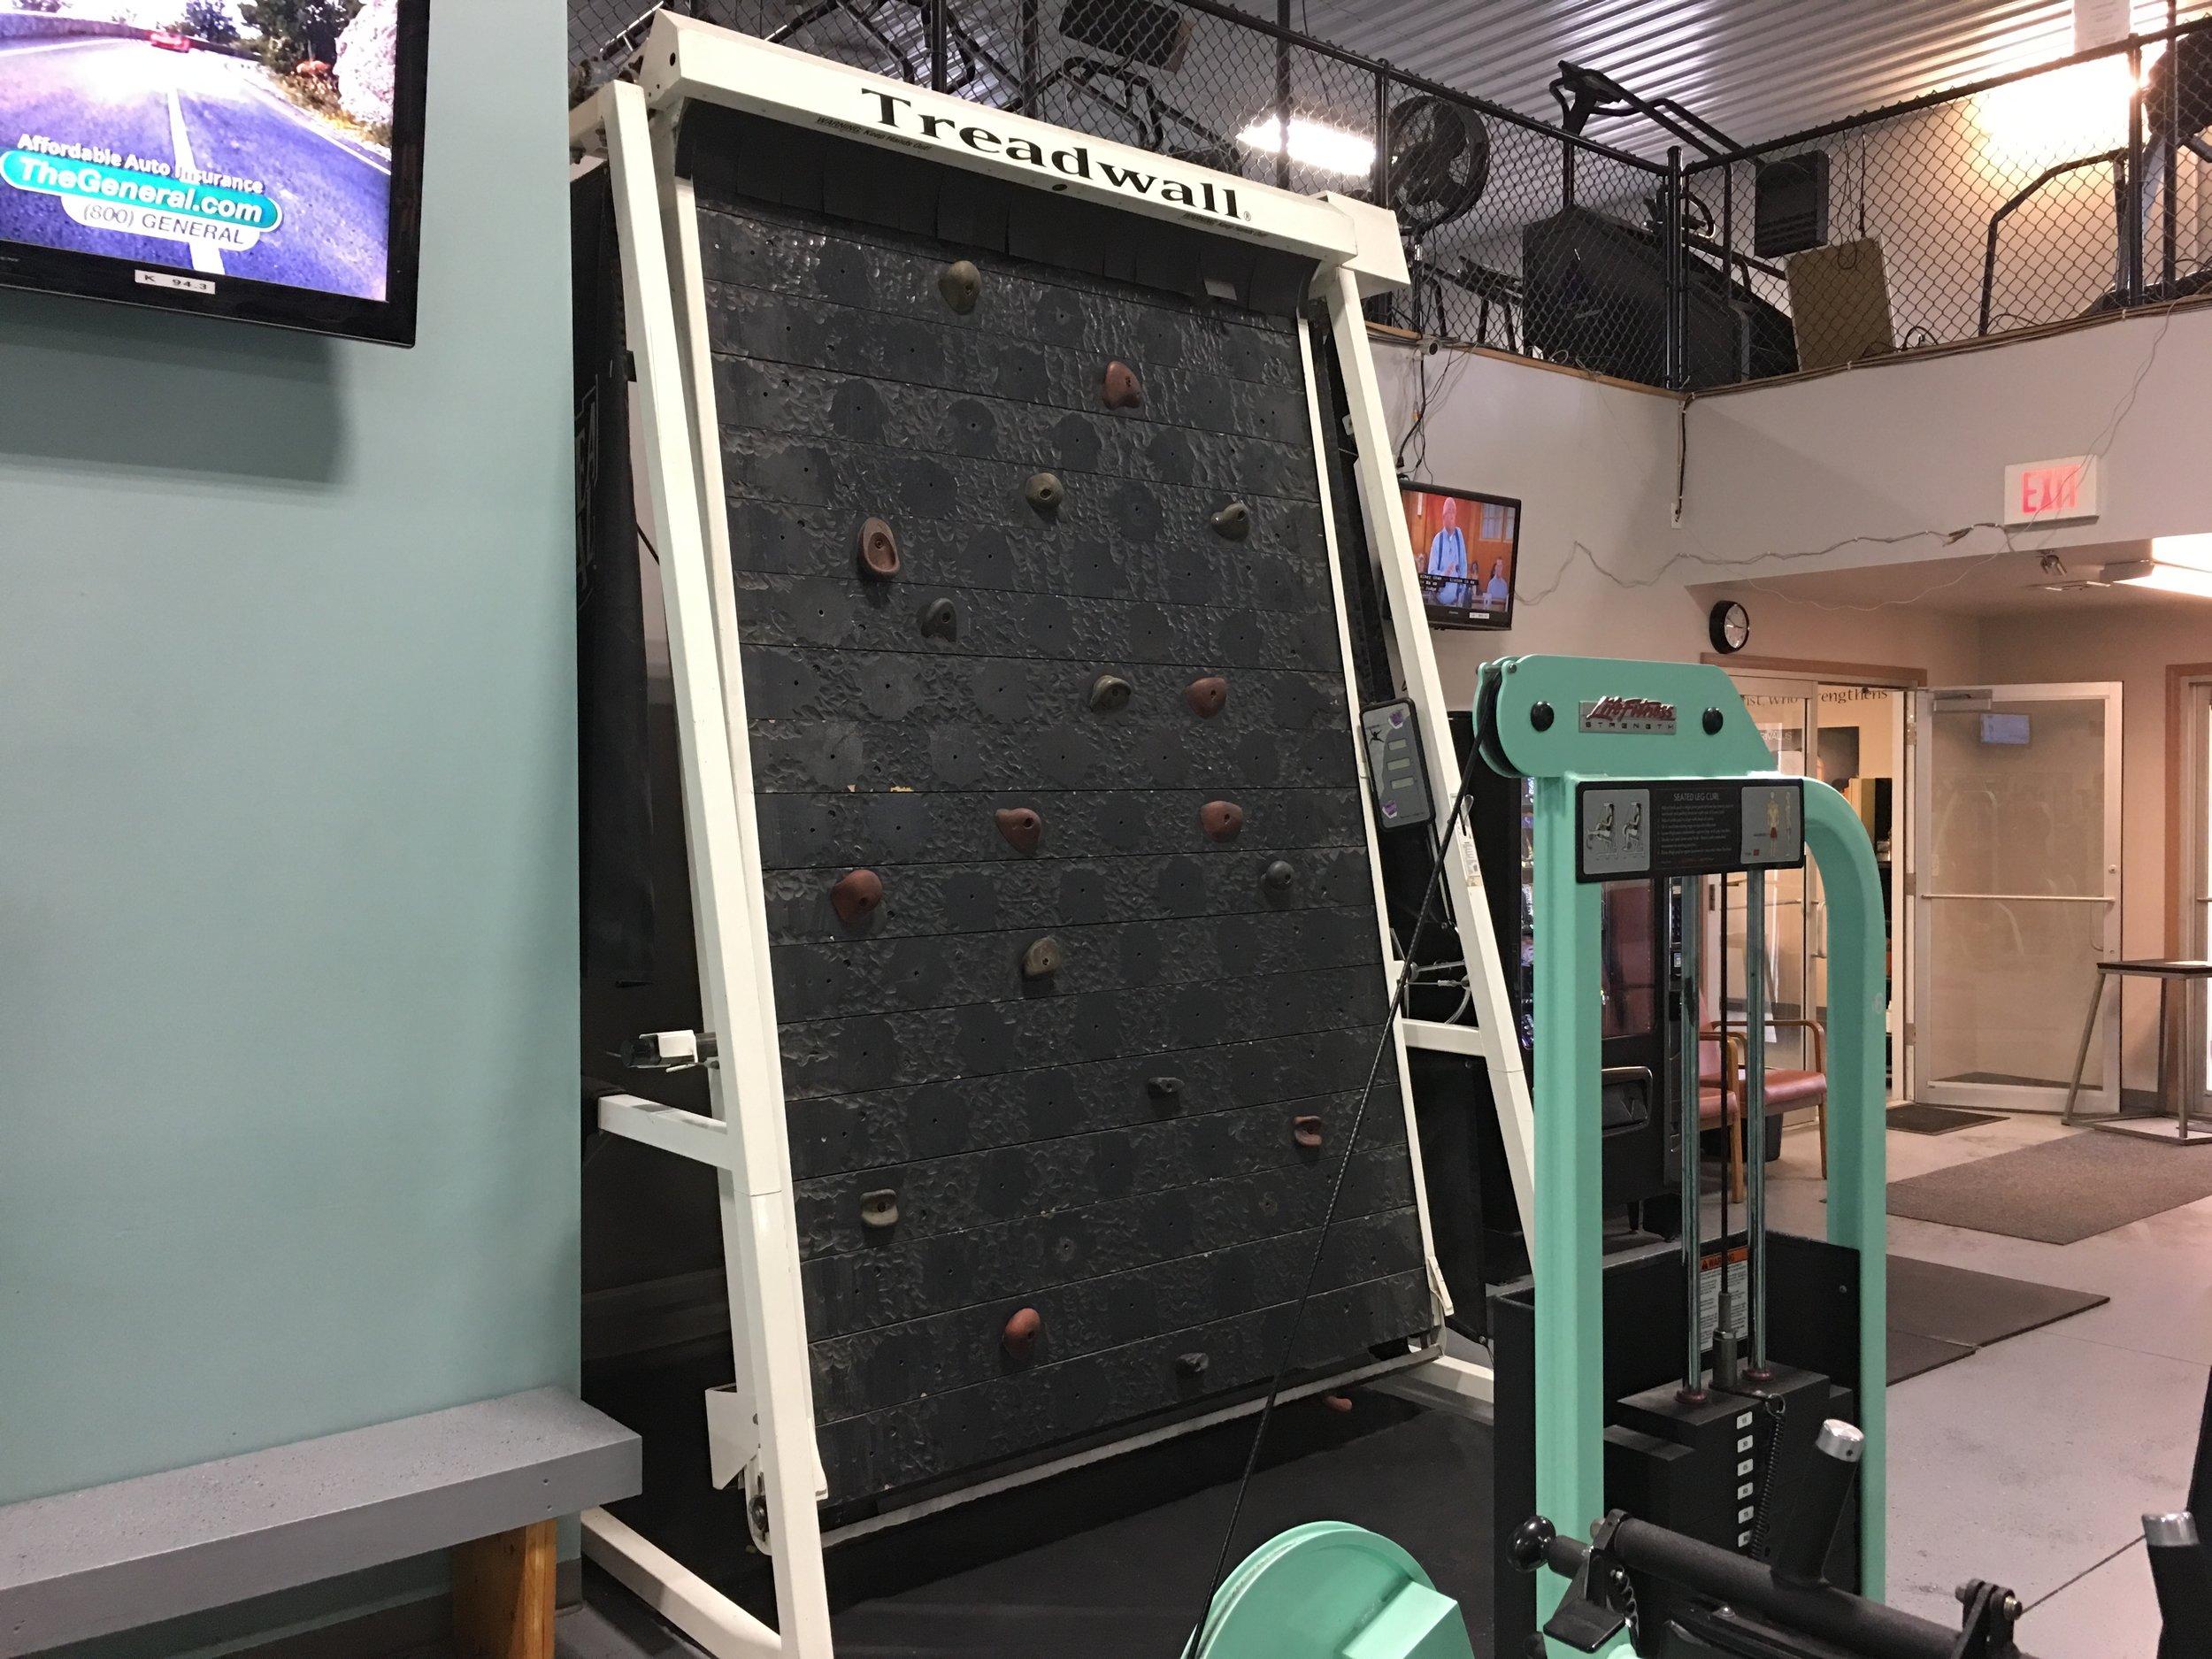 TREADWall Climber